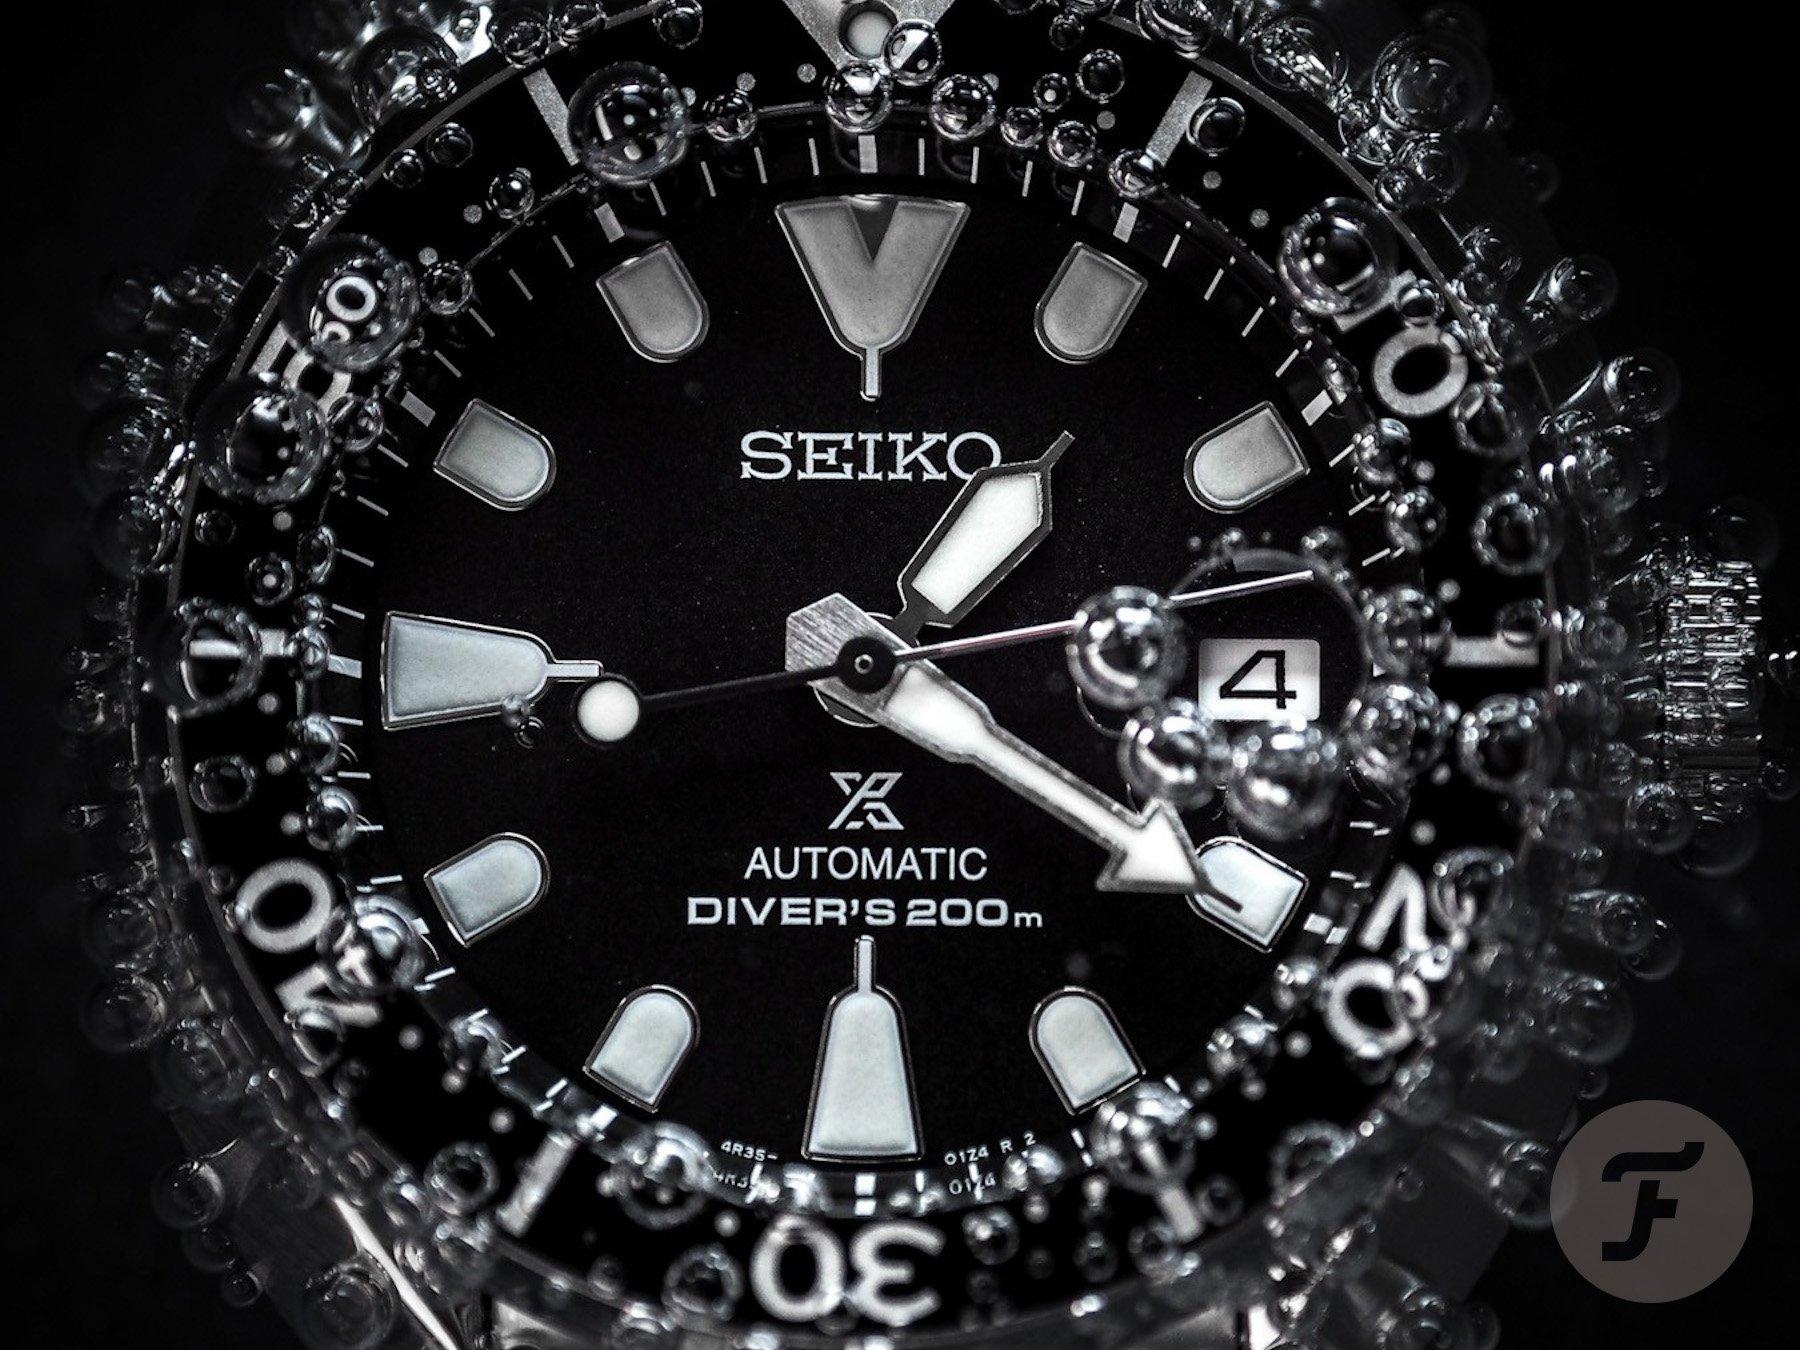 【F】The Seiko SRPC35K1 Mini Turtle: Underrated Future Cult Classic?